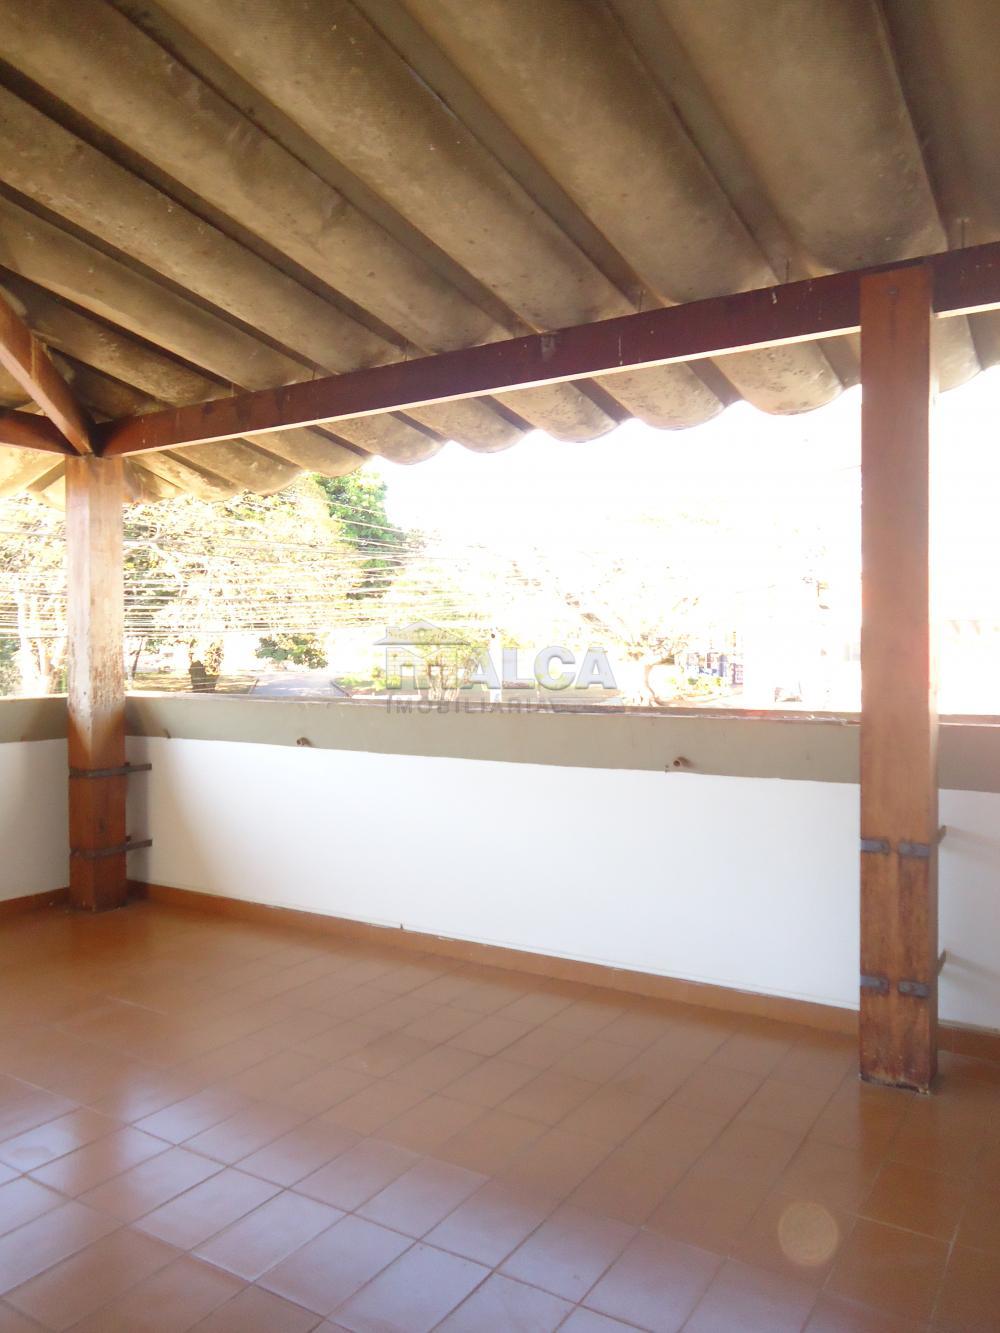 Alugar Casas / Padrão em São José do Rio Pardo apenas R$ 5.500,00 - Foto 15